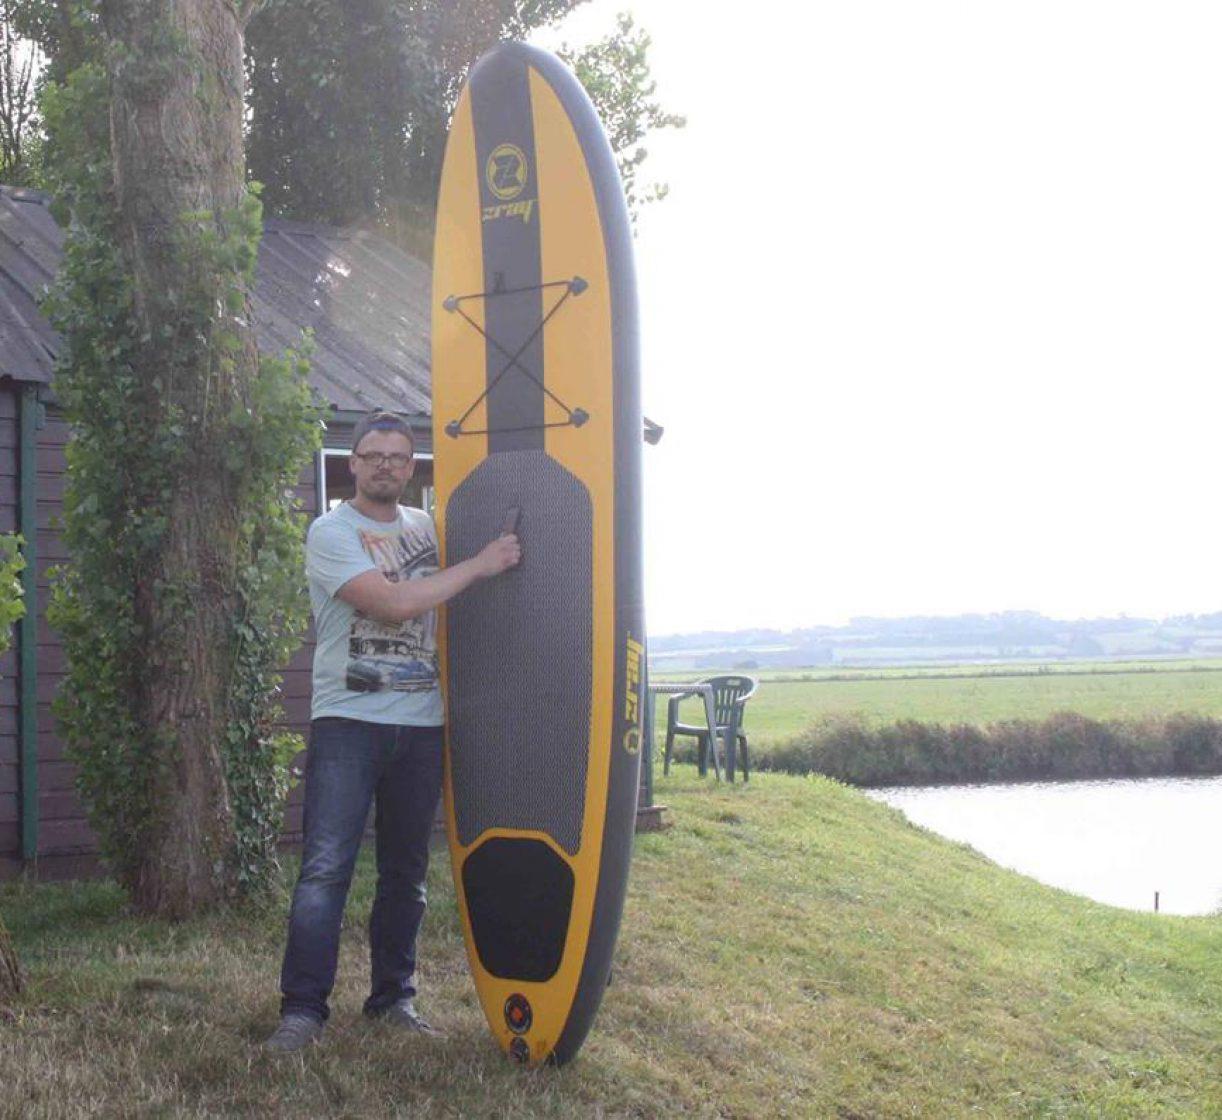 activite stand up paddle liesville douve marais baie cotentin